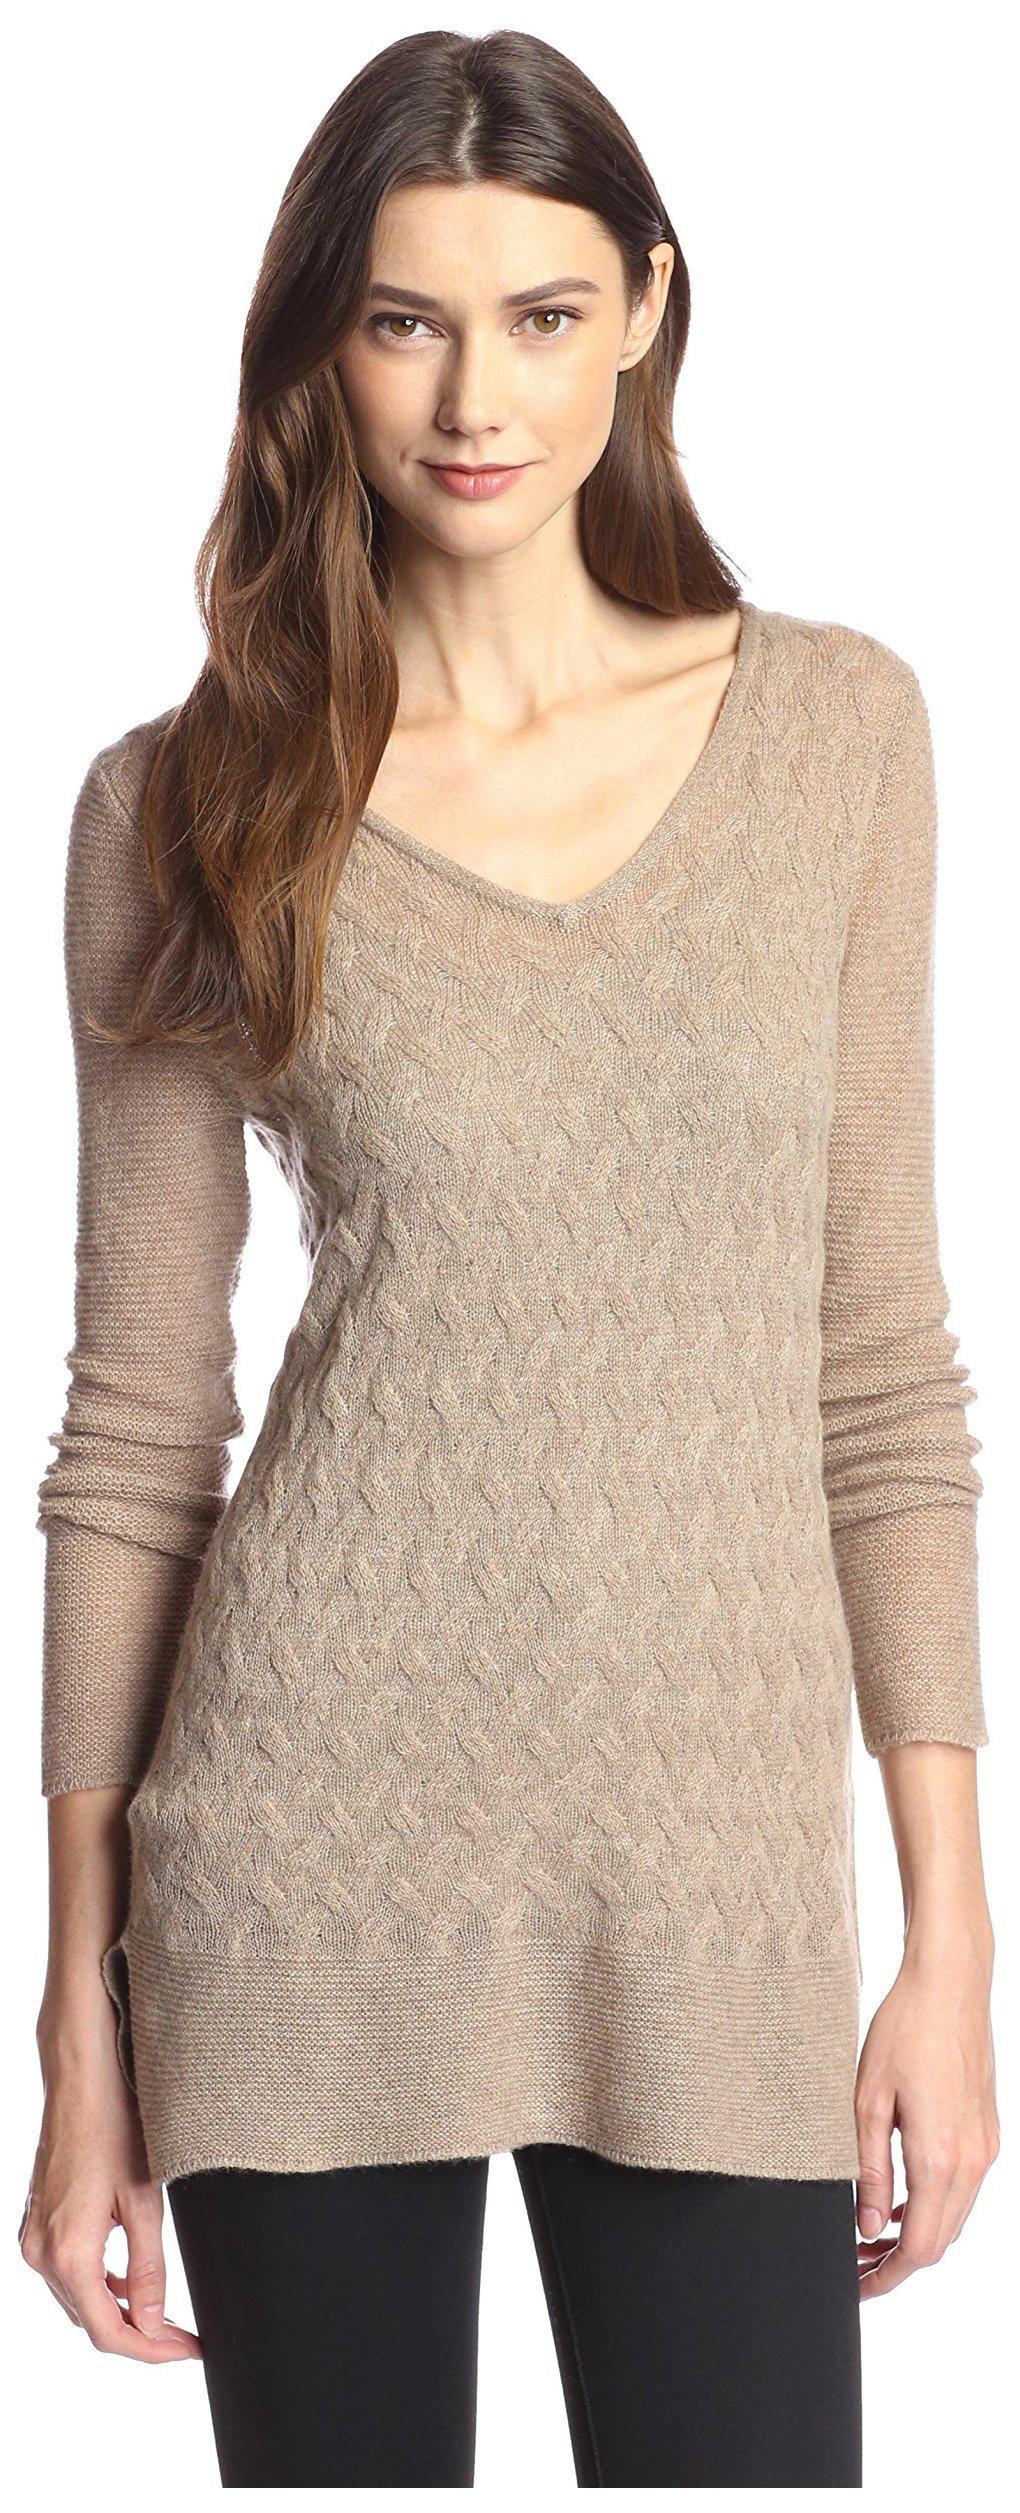 James & Erin Women's Link Pattern Cashmere Sweater, Dark Natural, M